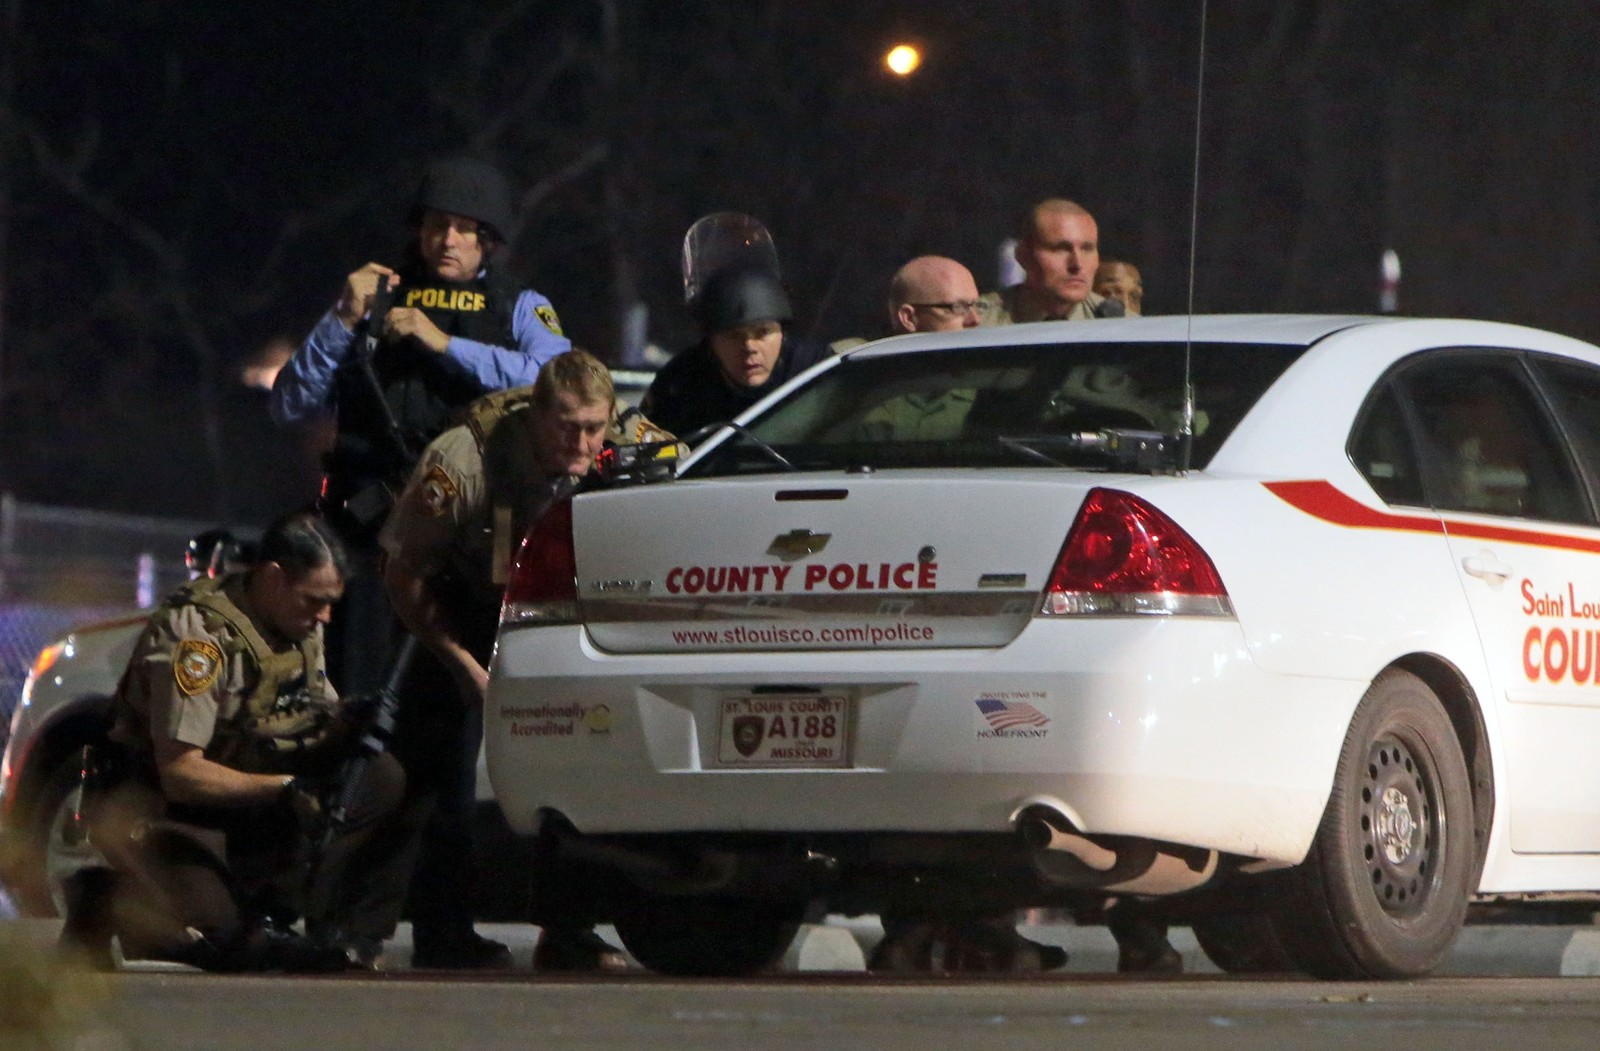 Politiet tar dekning bak en bil på parkeringsplassen utenfor politistasjonen i Ferguson etter politidrapene. (AP Photo/St. Louis Post-Dispatch, Laurie Skrivan)